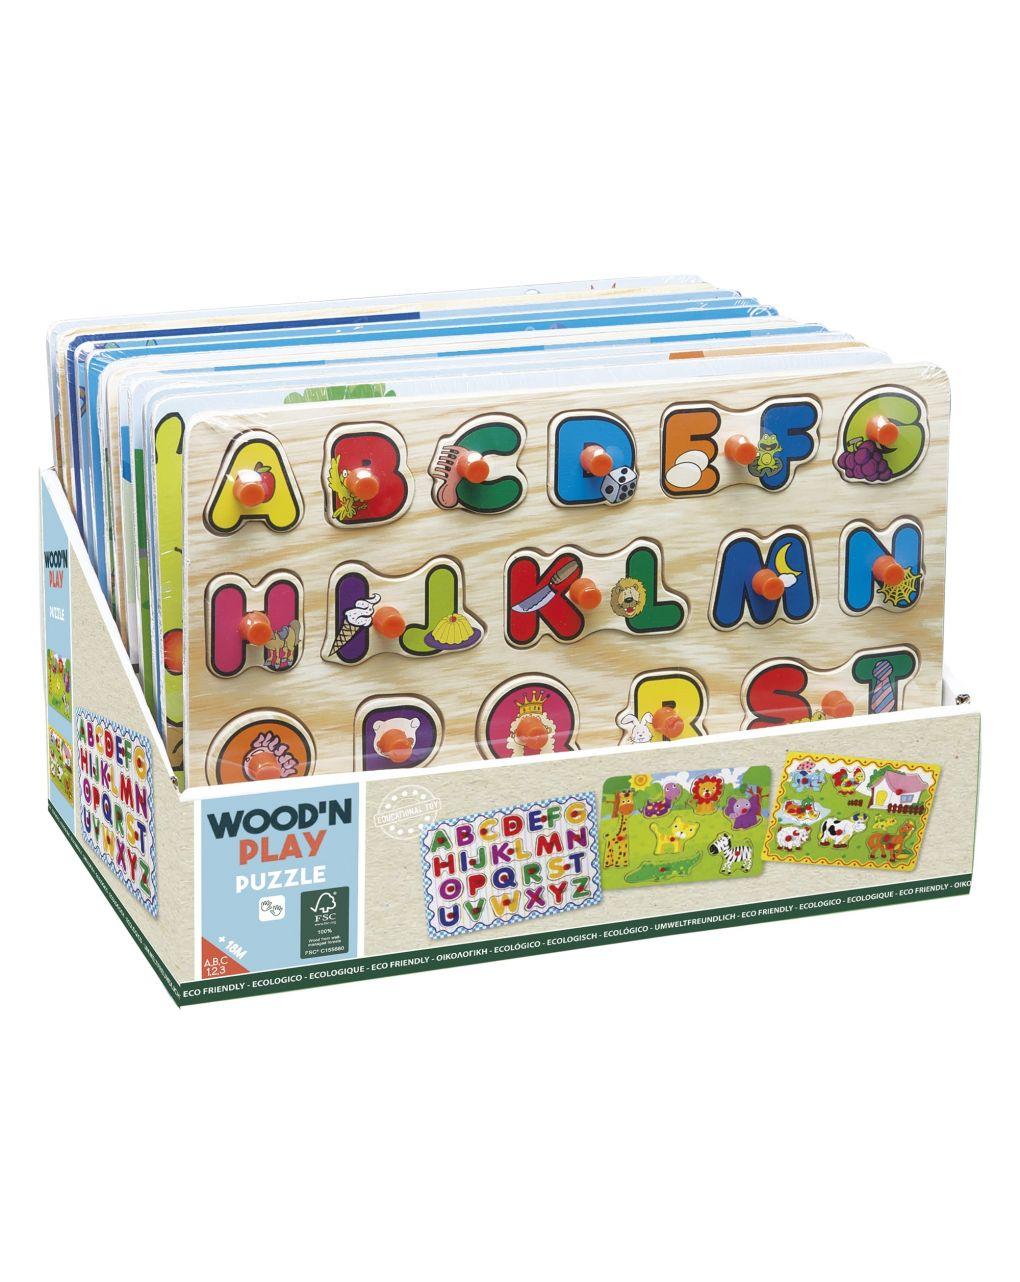 Wood'n'play - puzzle - Wood'N'Play